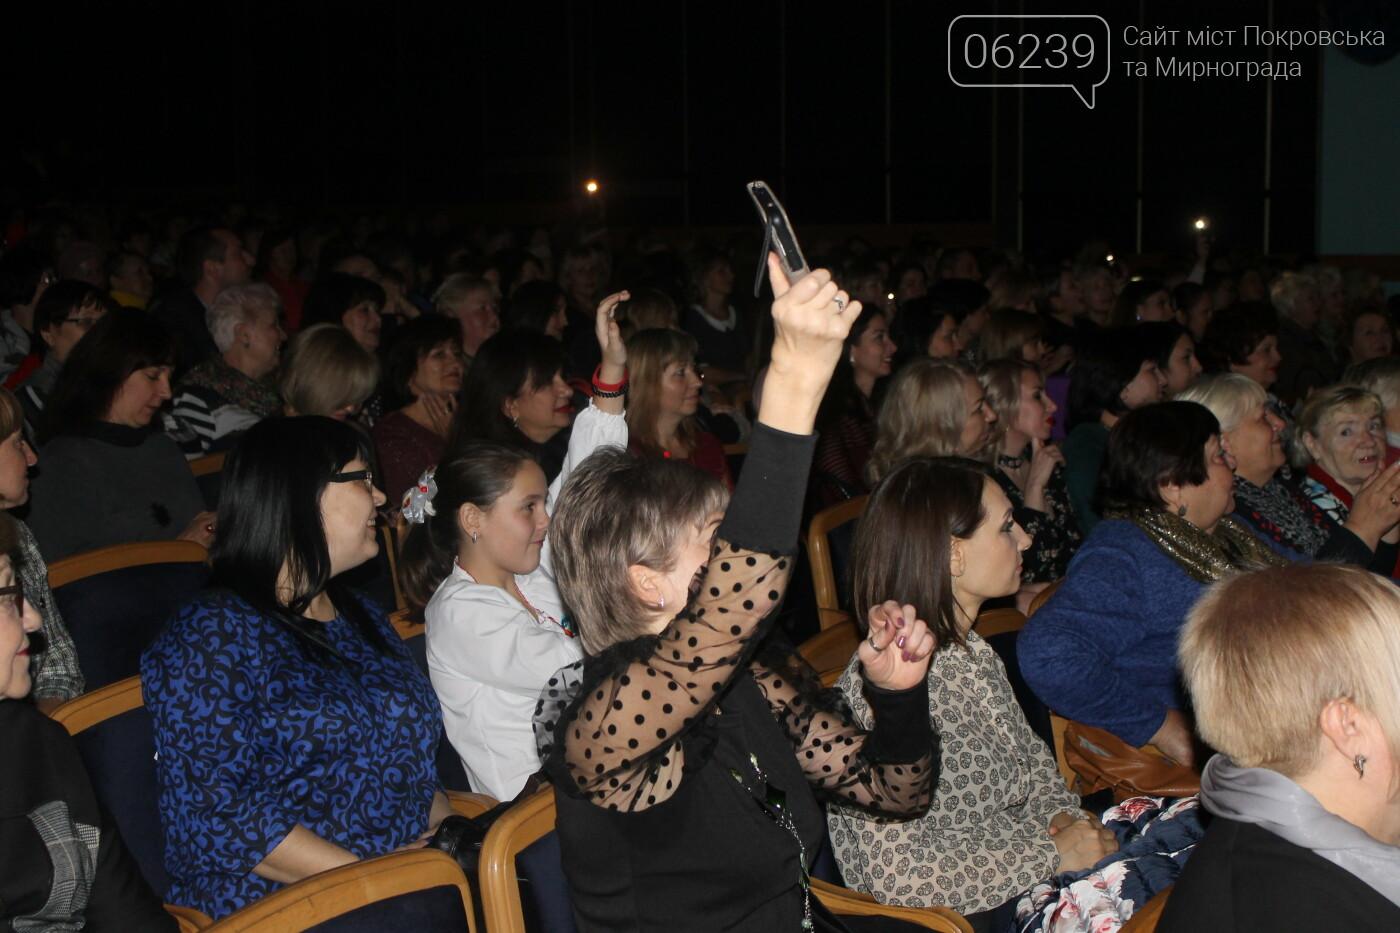 В Покровске отметили День местного самоуправления, фото-28